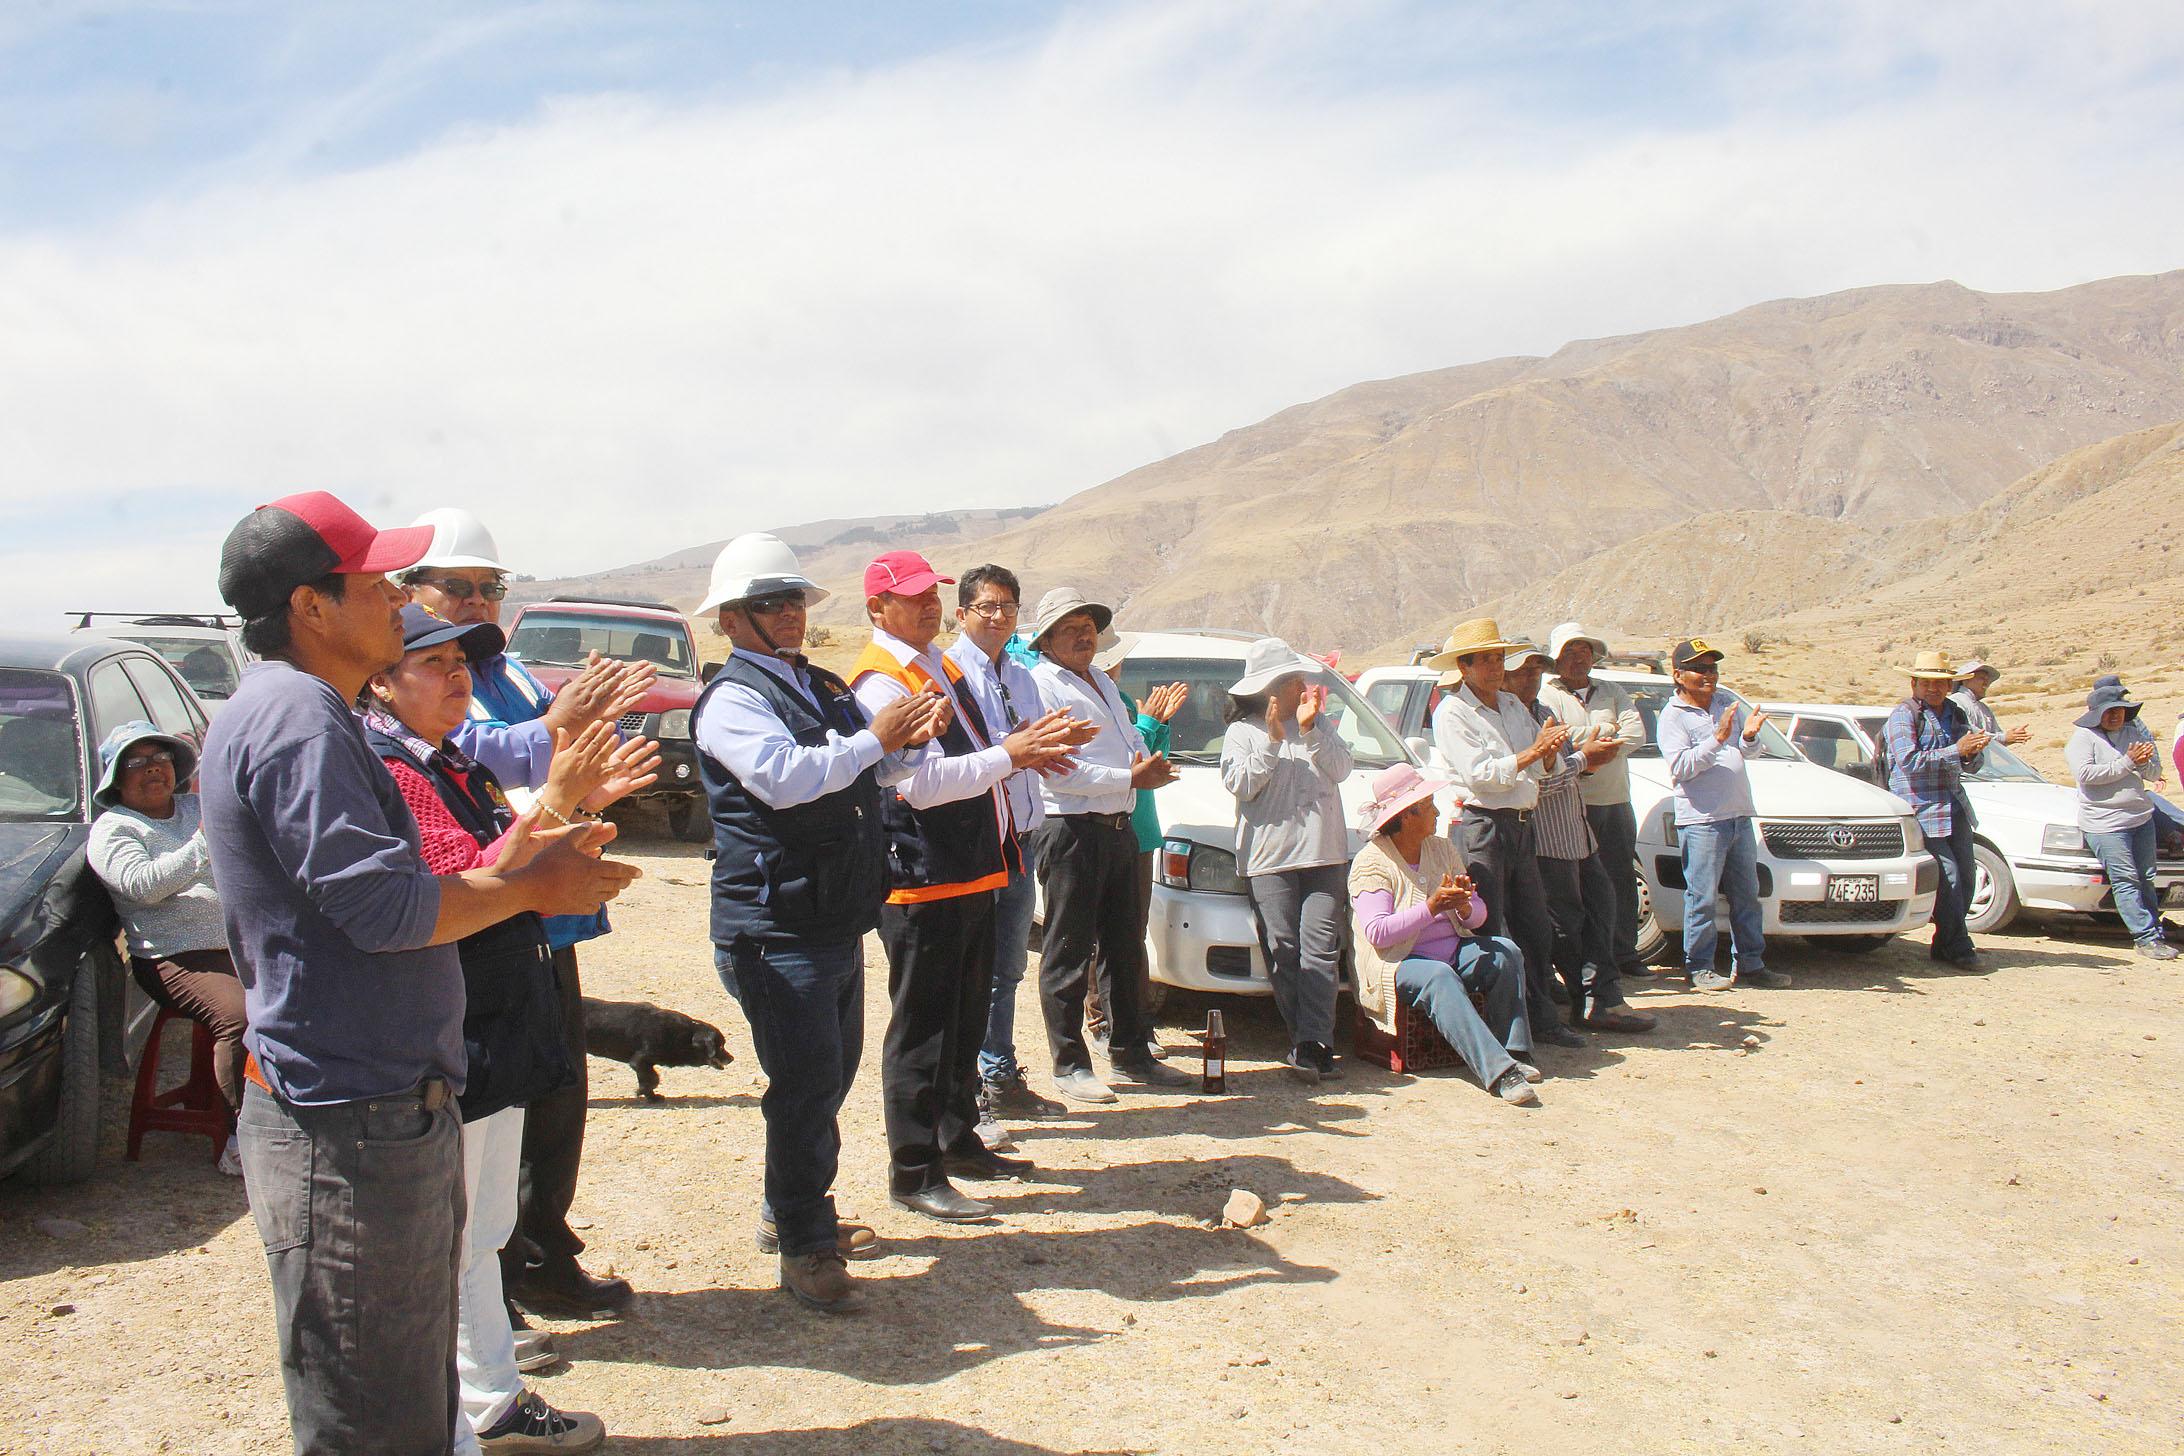 MUNICIPALIDAD DE TORATA APERTURÓ VIA CARROZABLE PARA AMPLIAR LA FRONTERA AGRÍCOLA EN EL SECTOR IRRIGACIÓN CULLABAYA